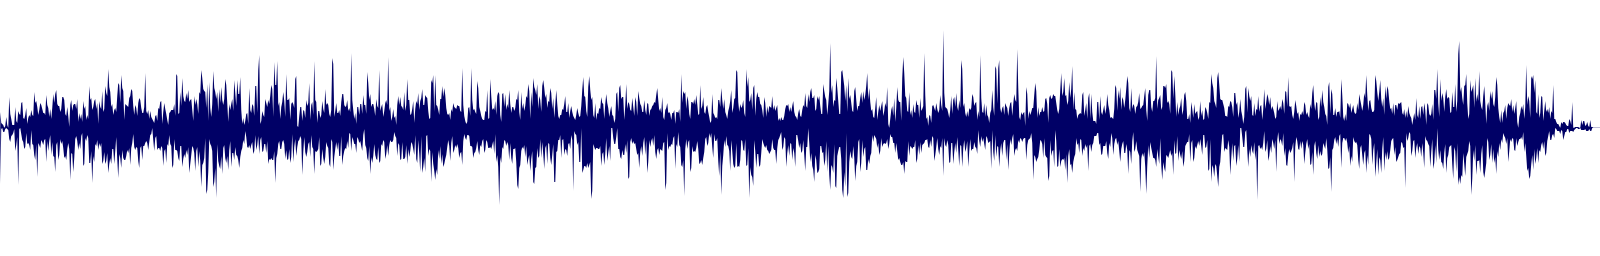 waveform of track #135686